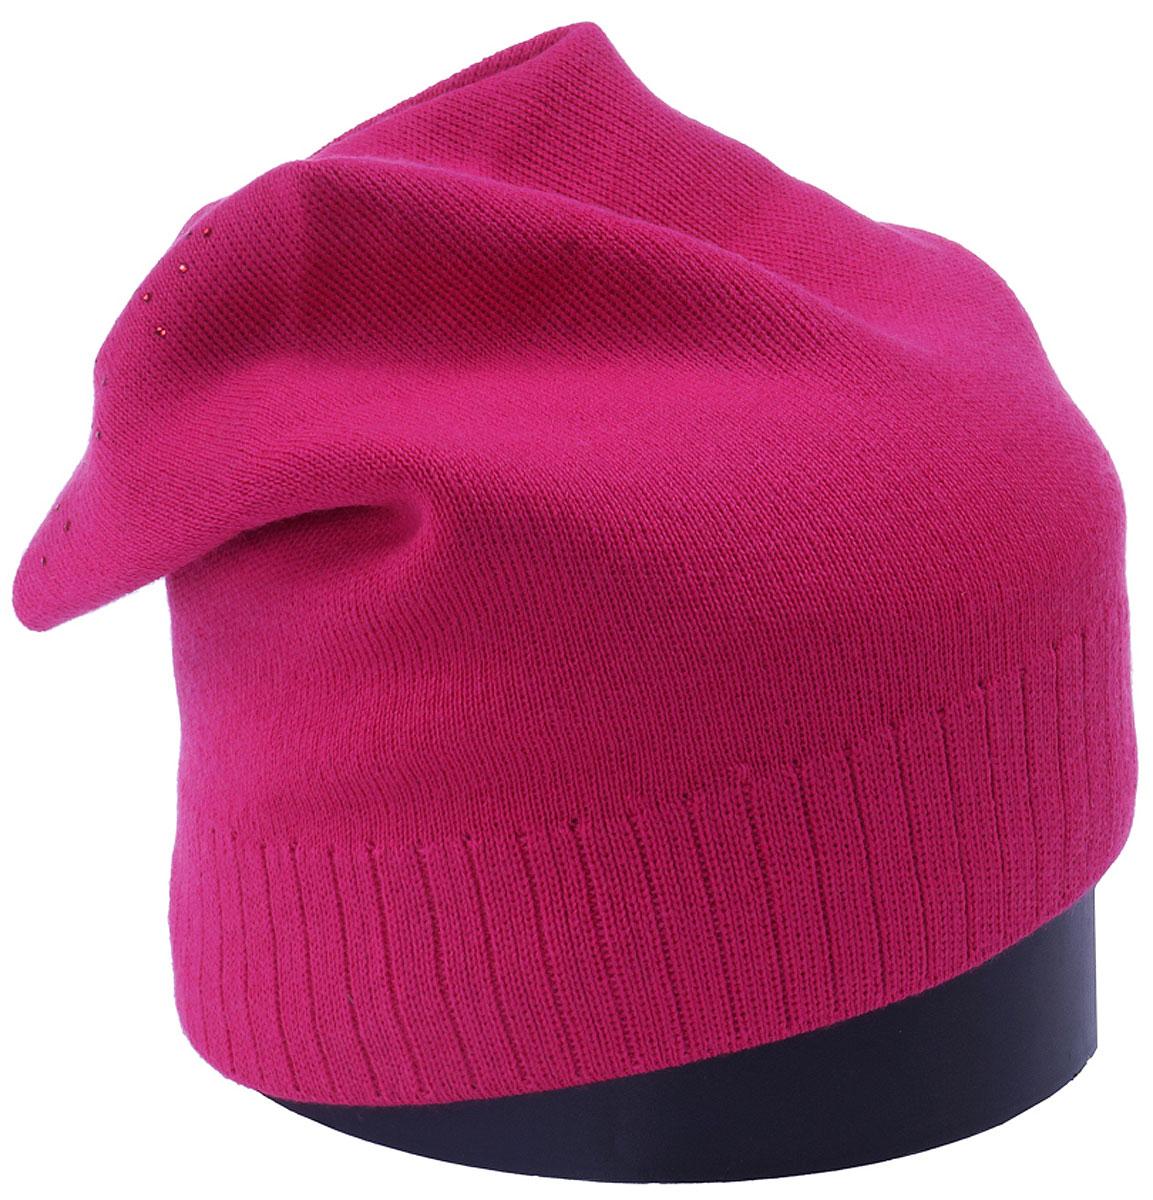 Шапка женская Vittorio Richi, цвет: фуксия. Aut141902C-15/17. Размер 56/58Aut141902CУдлиненная женская шапка Vittorio Richi отлично дополнит ваш образ в холодную погоду. Модель, изготовленная из шерсти с добавлением полиамида, максимально сохраняет тепло и обеспечивает удобную посадку. Шапка декорирована сзади узором из страз. Привлекательная стильная шапка подчеркнет ваш неповторимый стиль и индивидуальность.